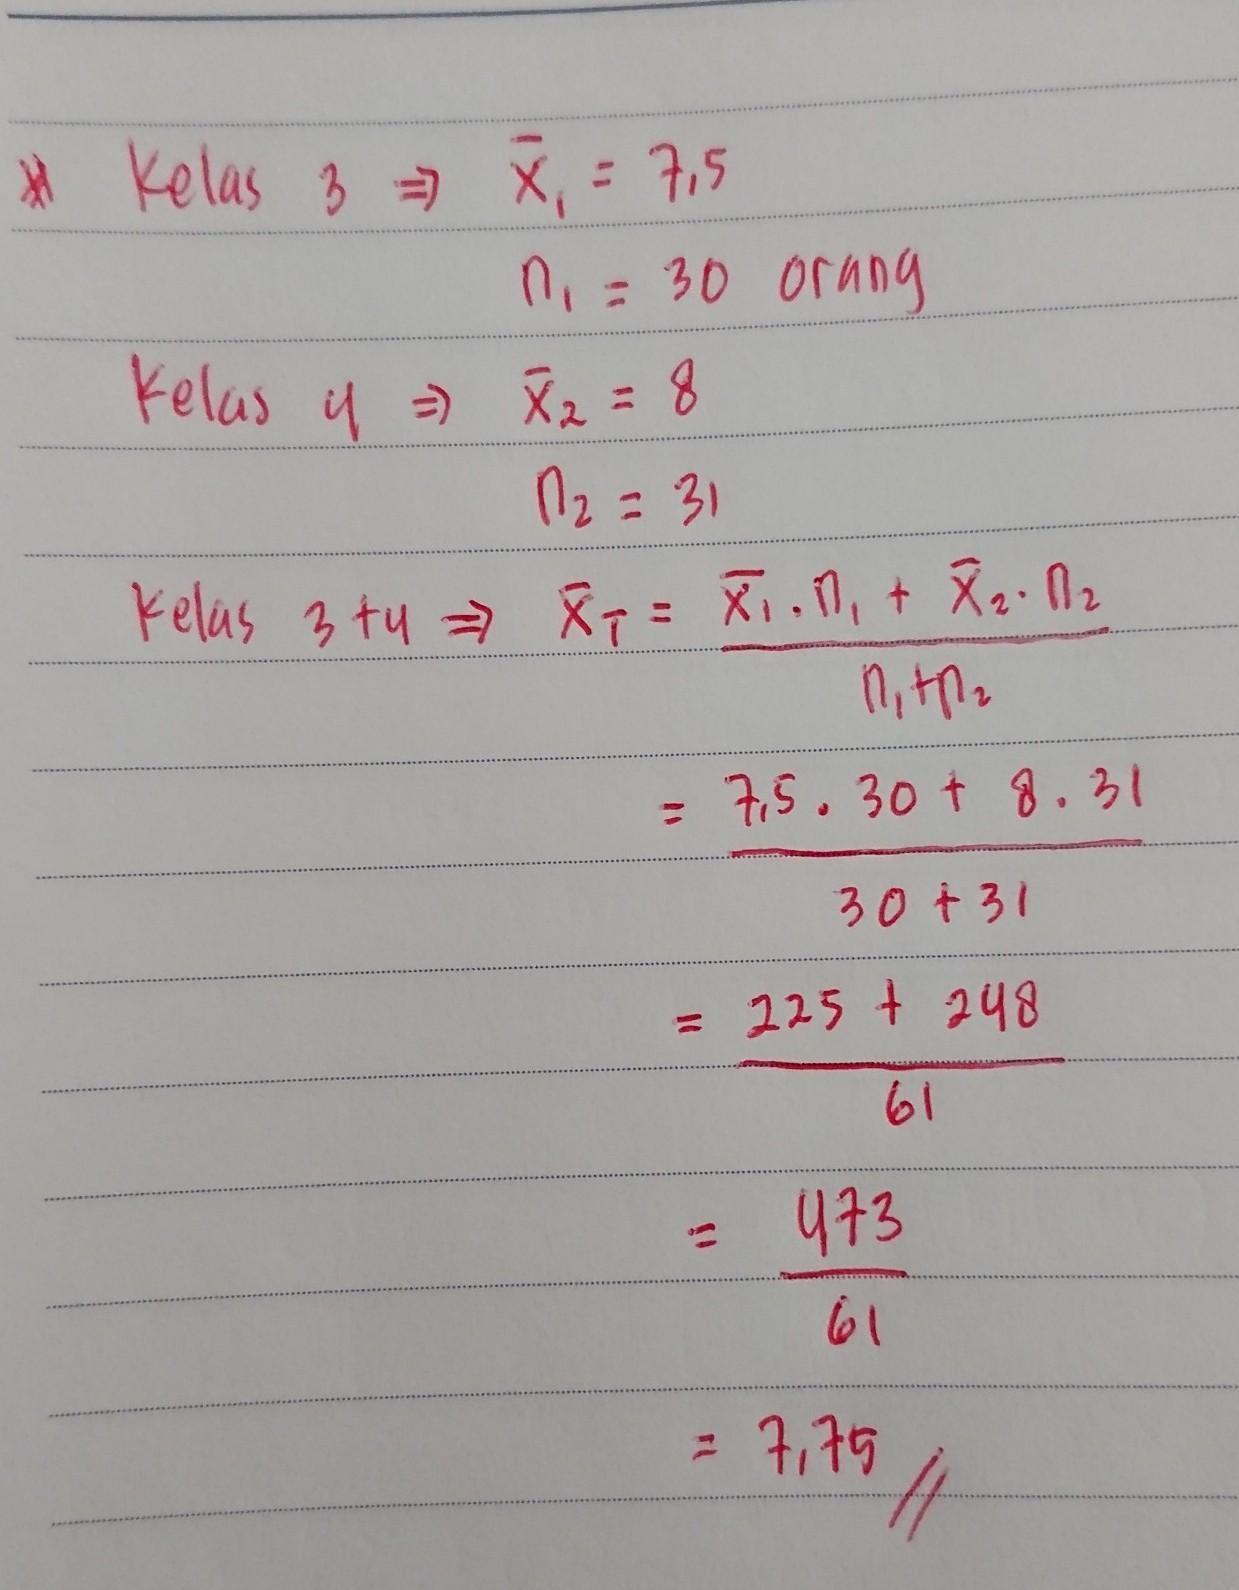 Nilai Rata Rata Bahasa Indonesia Siswa Kelas 3 Adalah 7 5